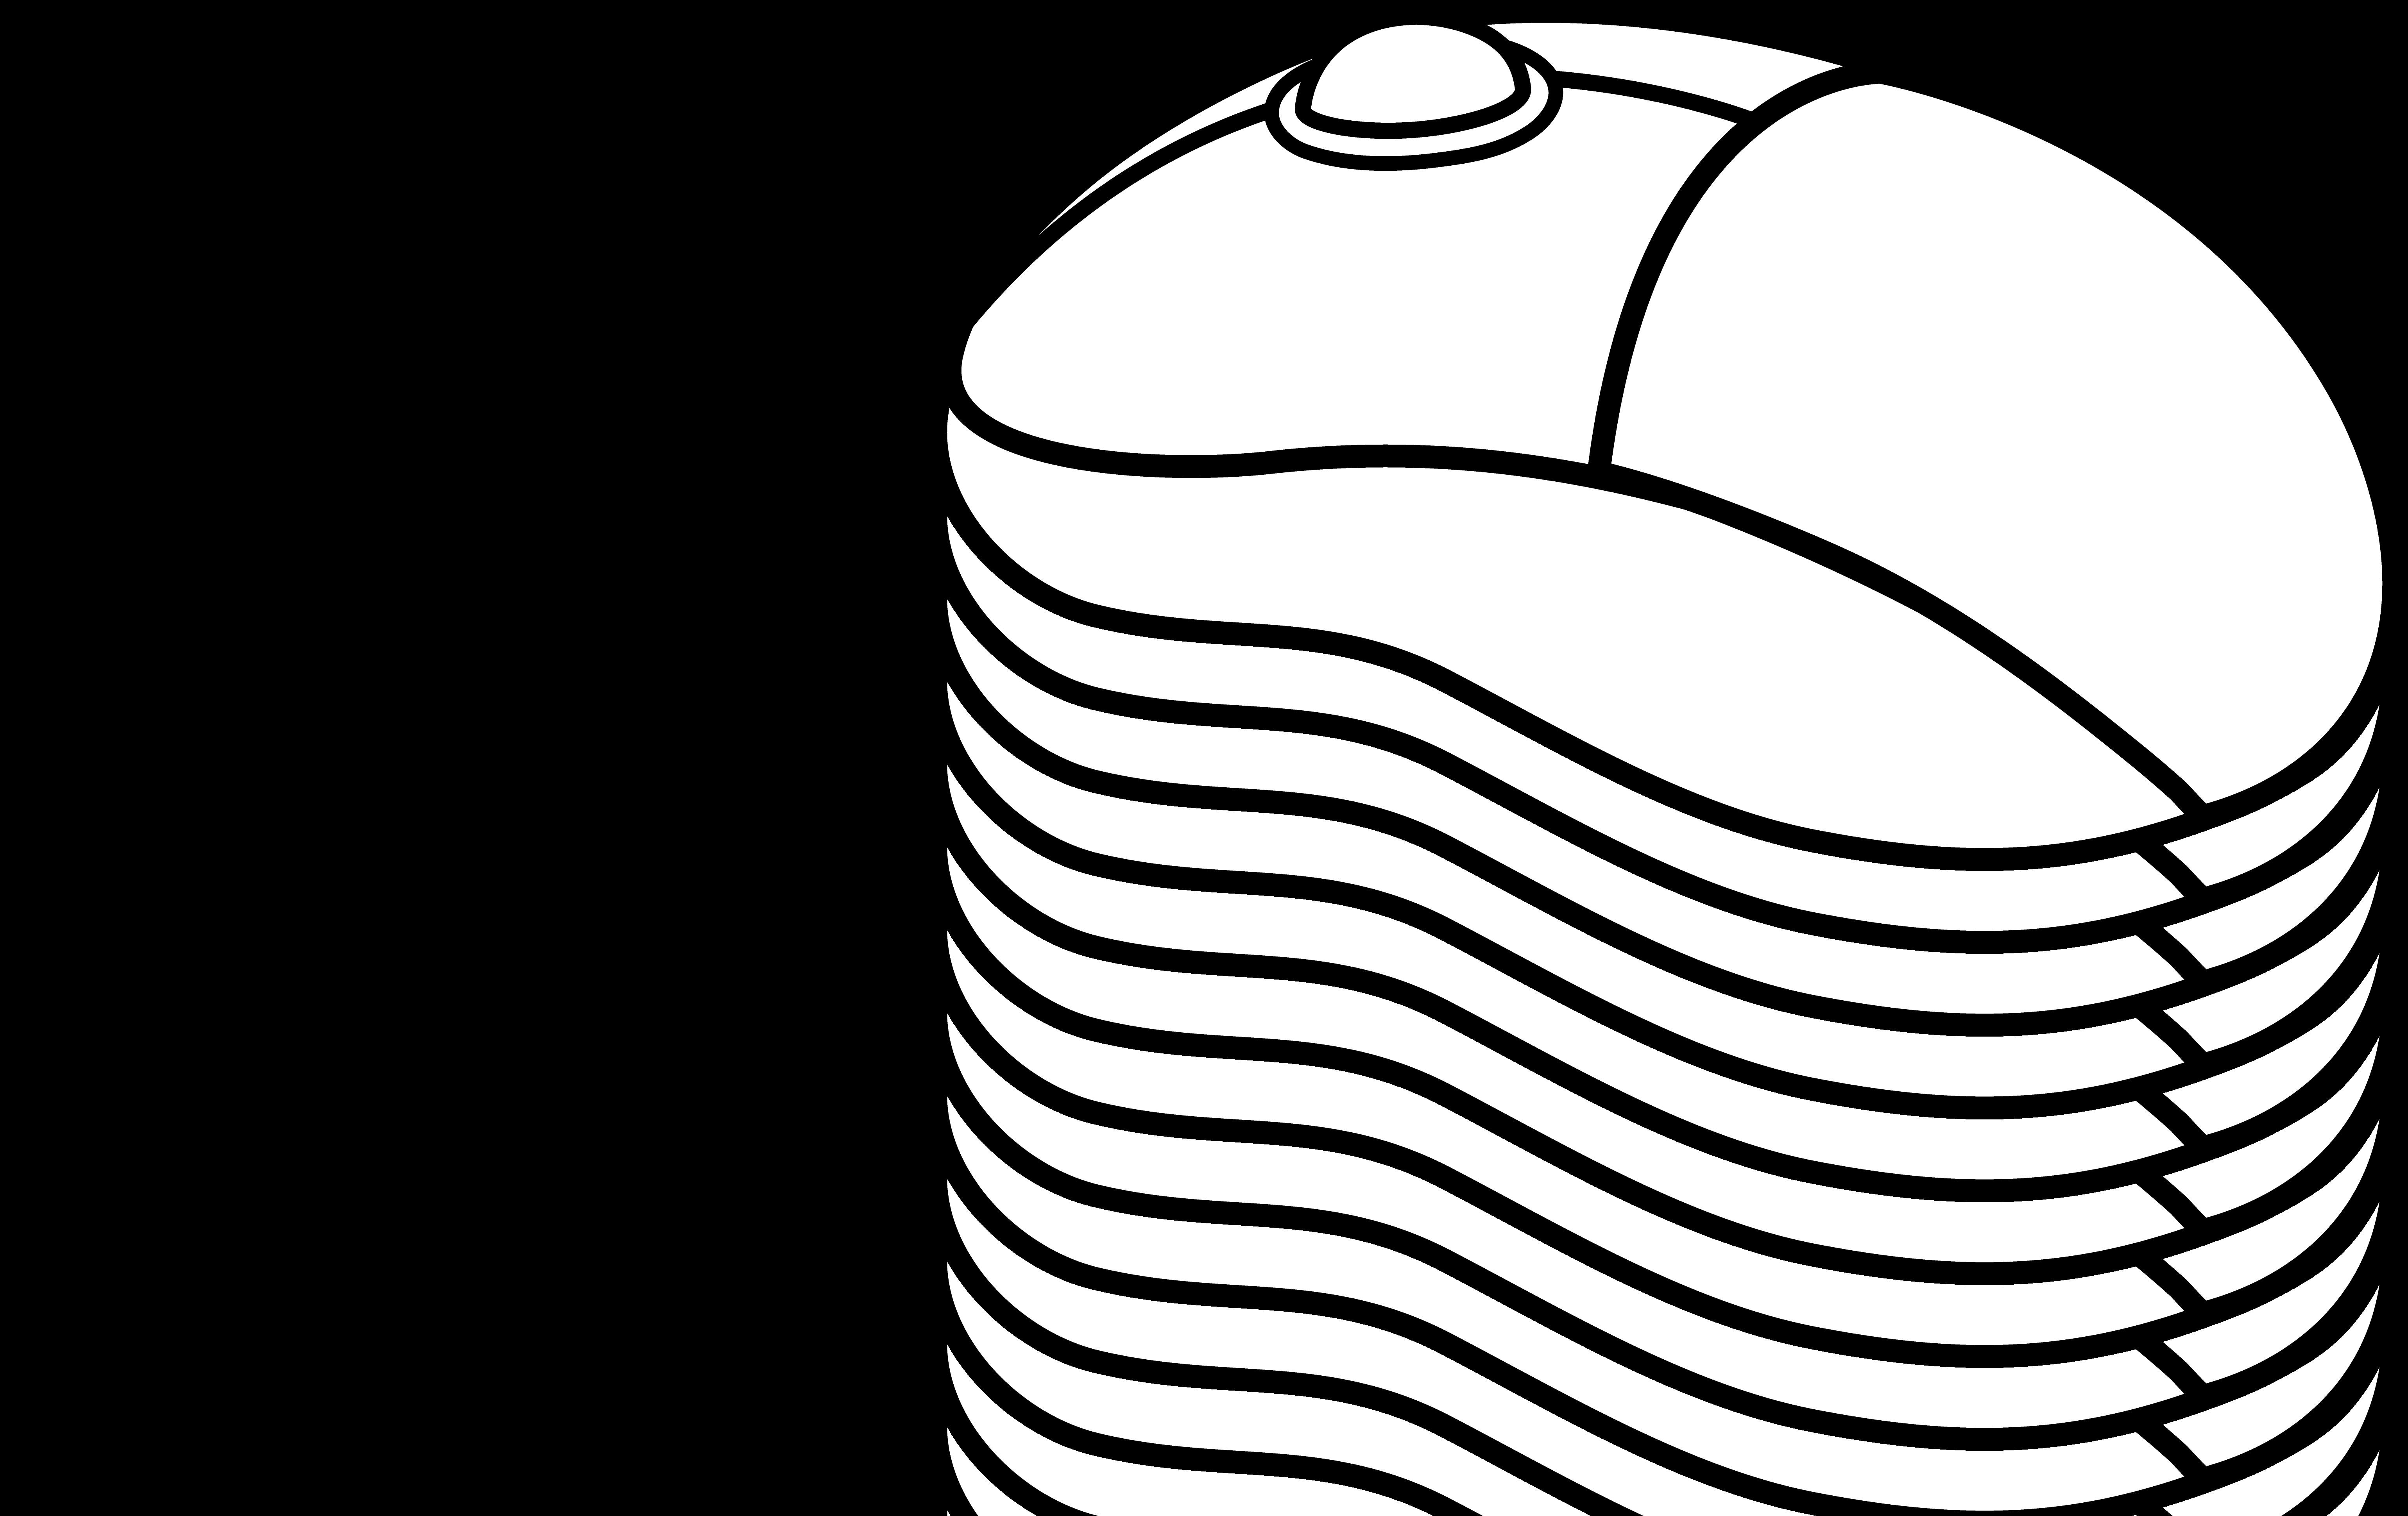 Computer Mouse Line Art - Free Clip Art